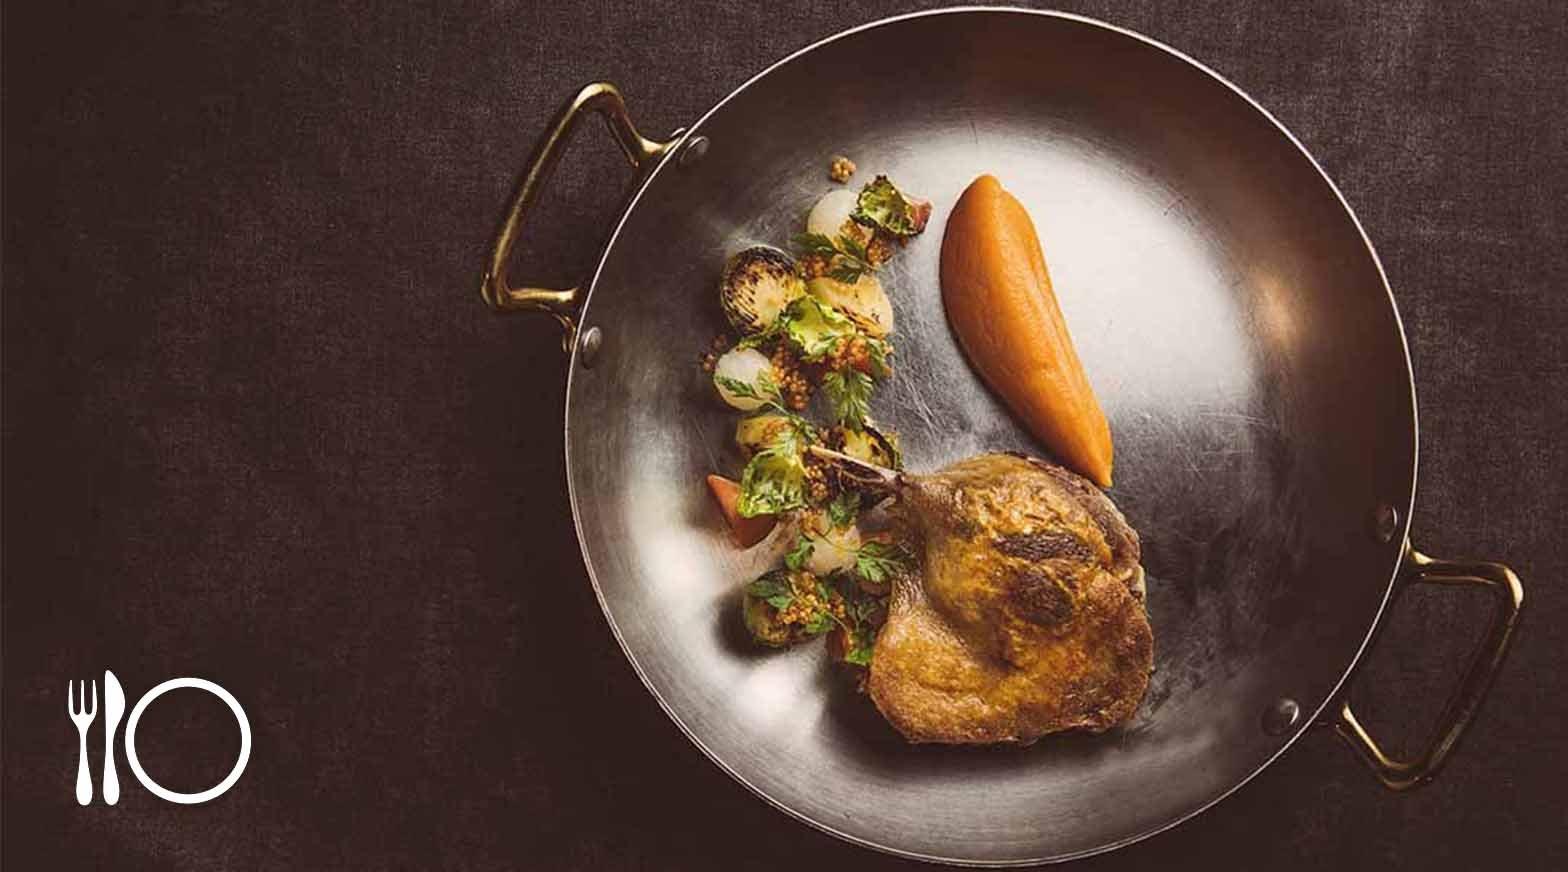 米其林餐盤   Chou Chou法式料理餐廳-摩登法式料理   單人午間菜單